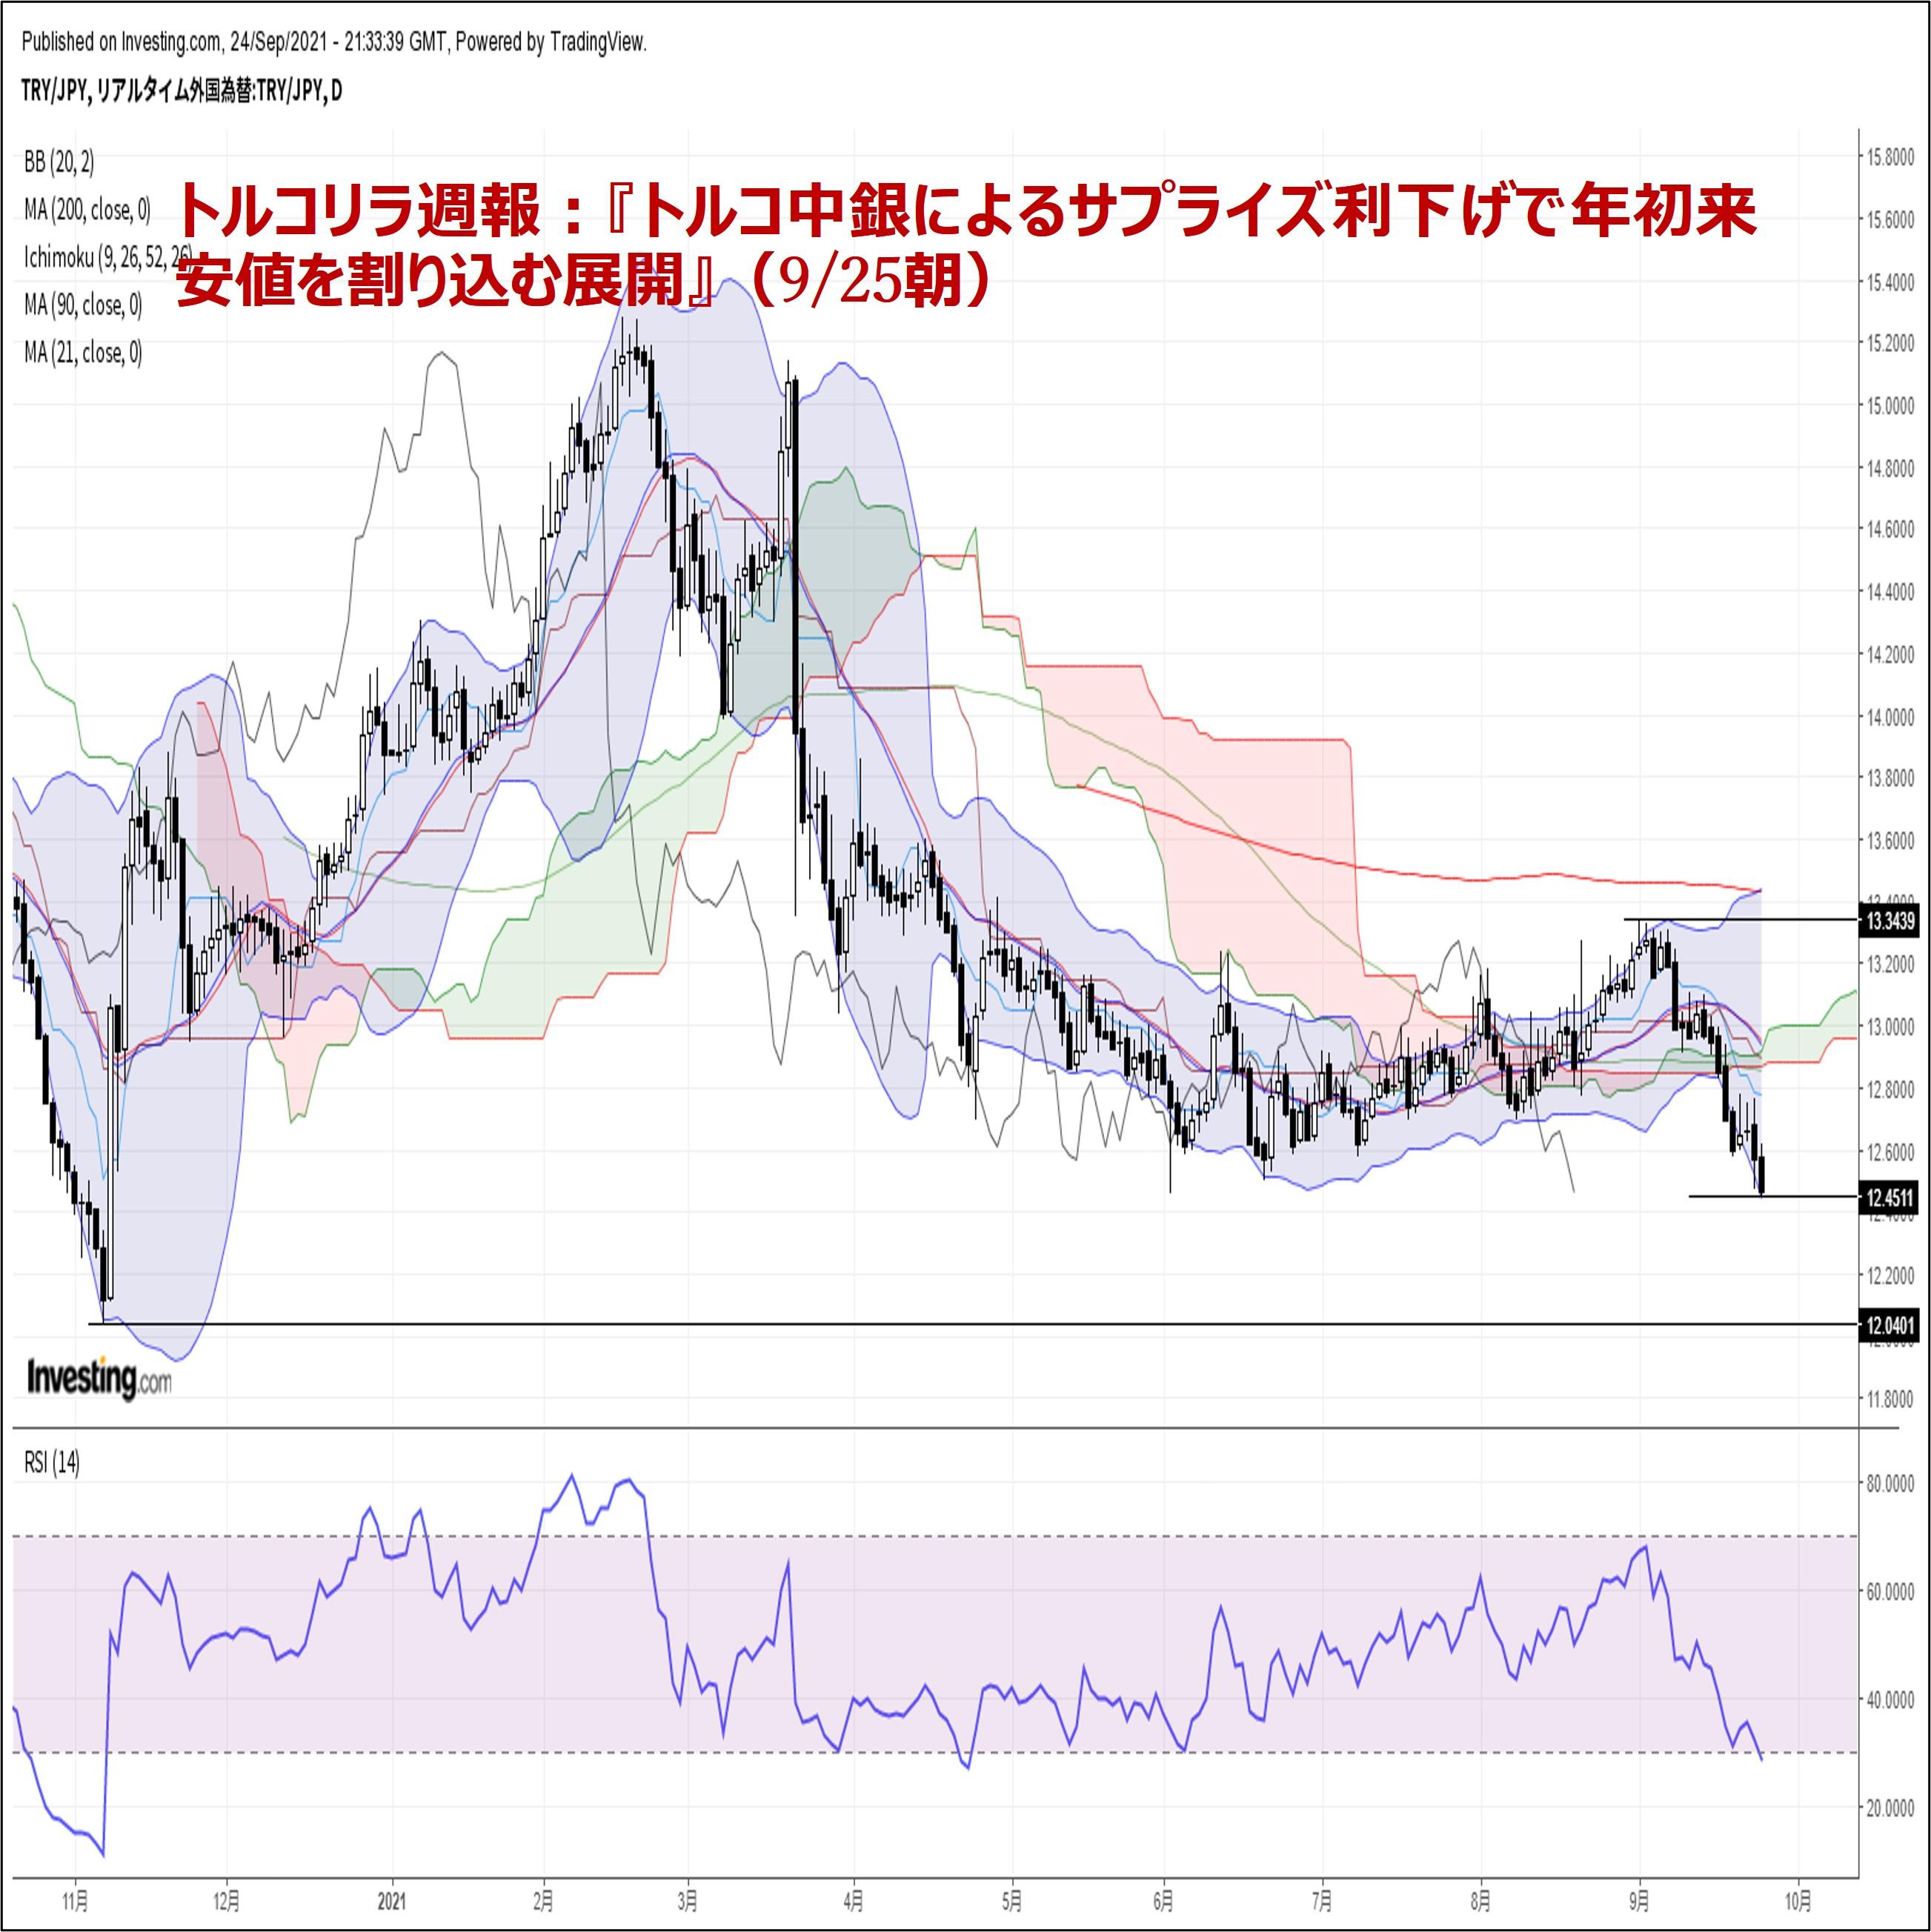 トルコリラ週報:『トルコ中銀によるサプライズ利下げで年初来安値を割り込む展開』(9/25朝)